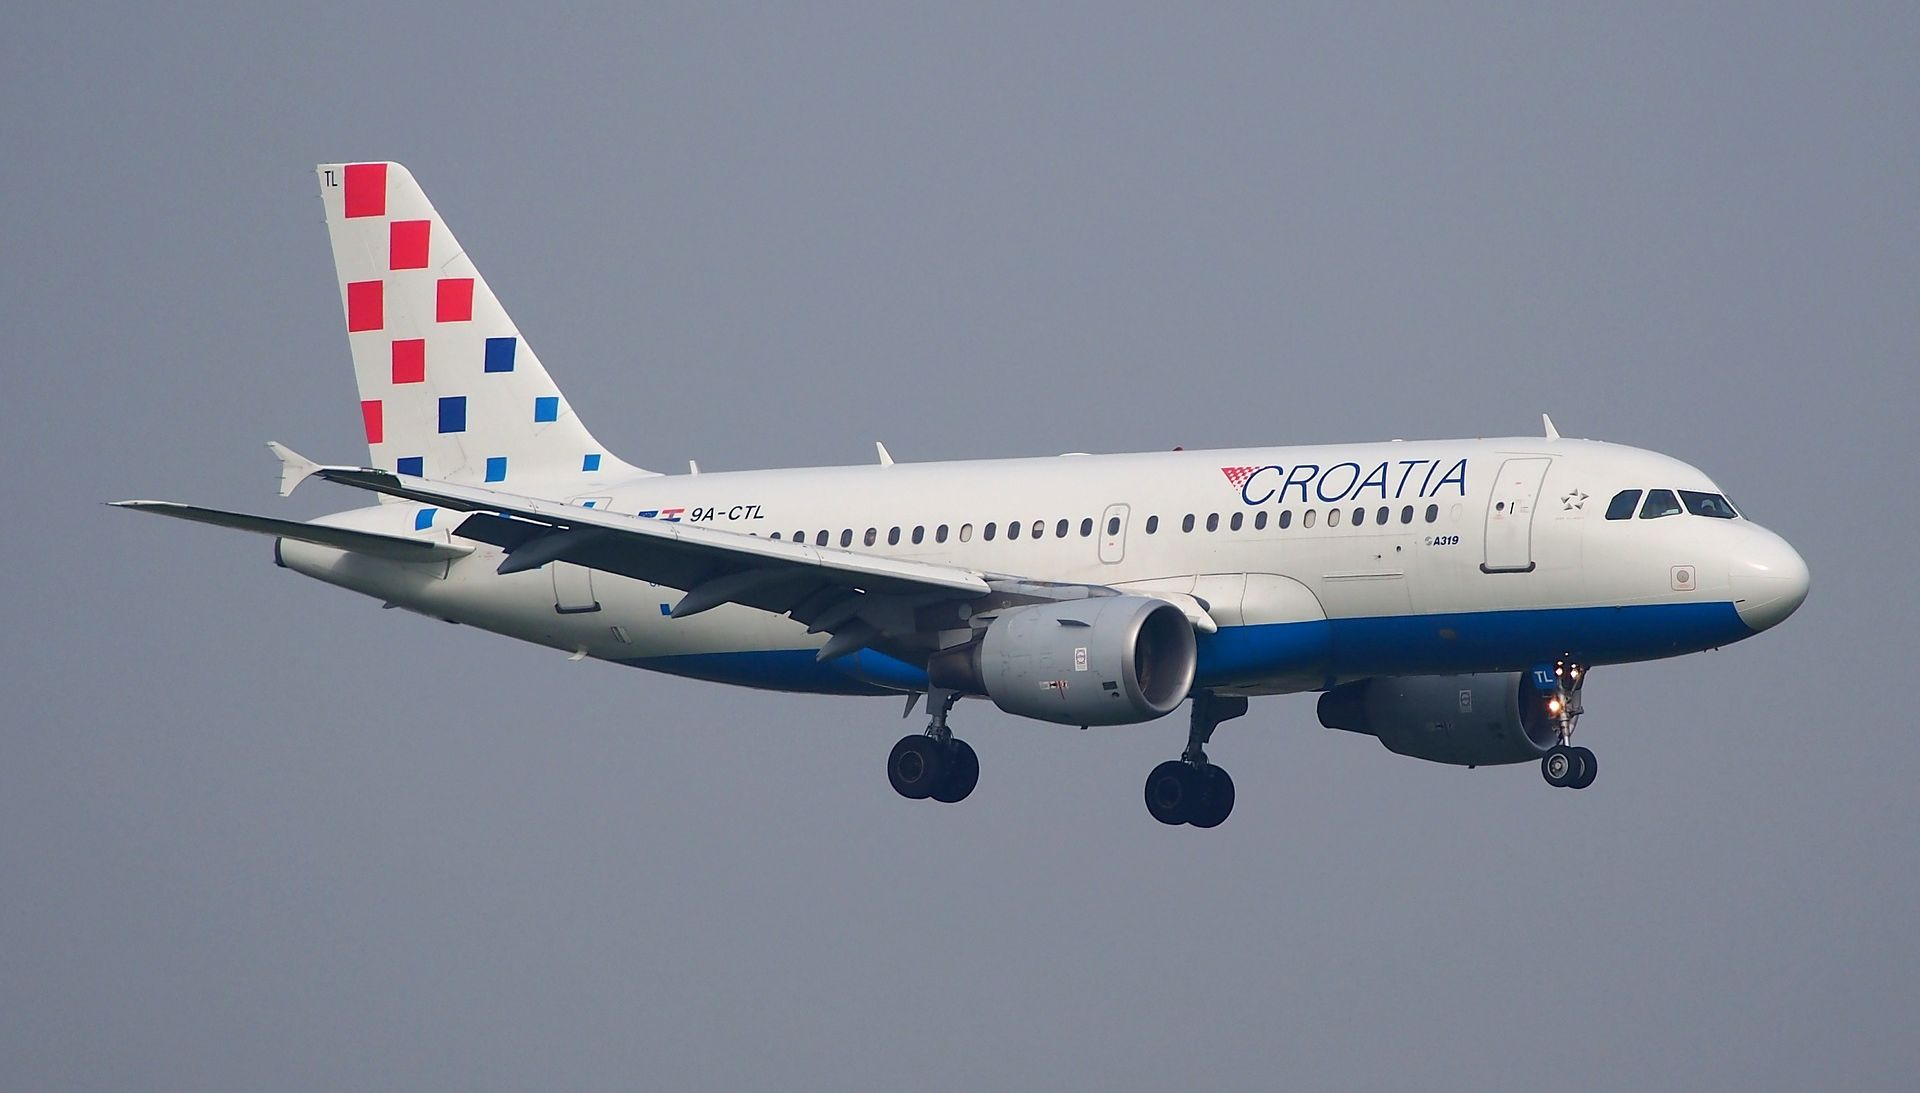 U avion CA udarila ptica, oštećen se vratio za Zagreb